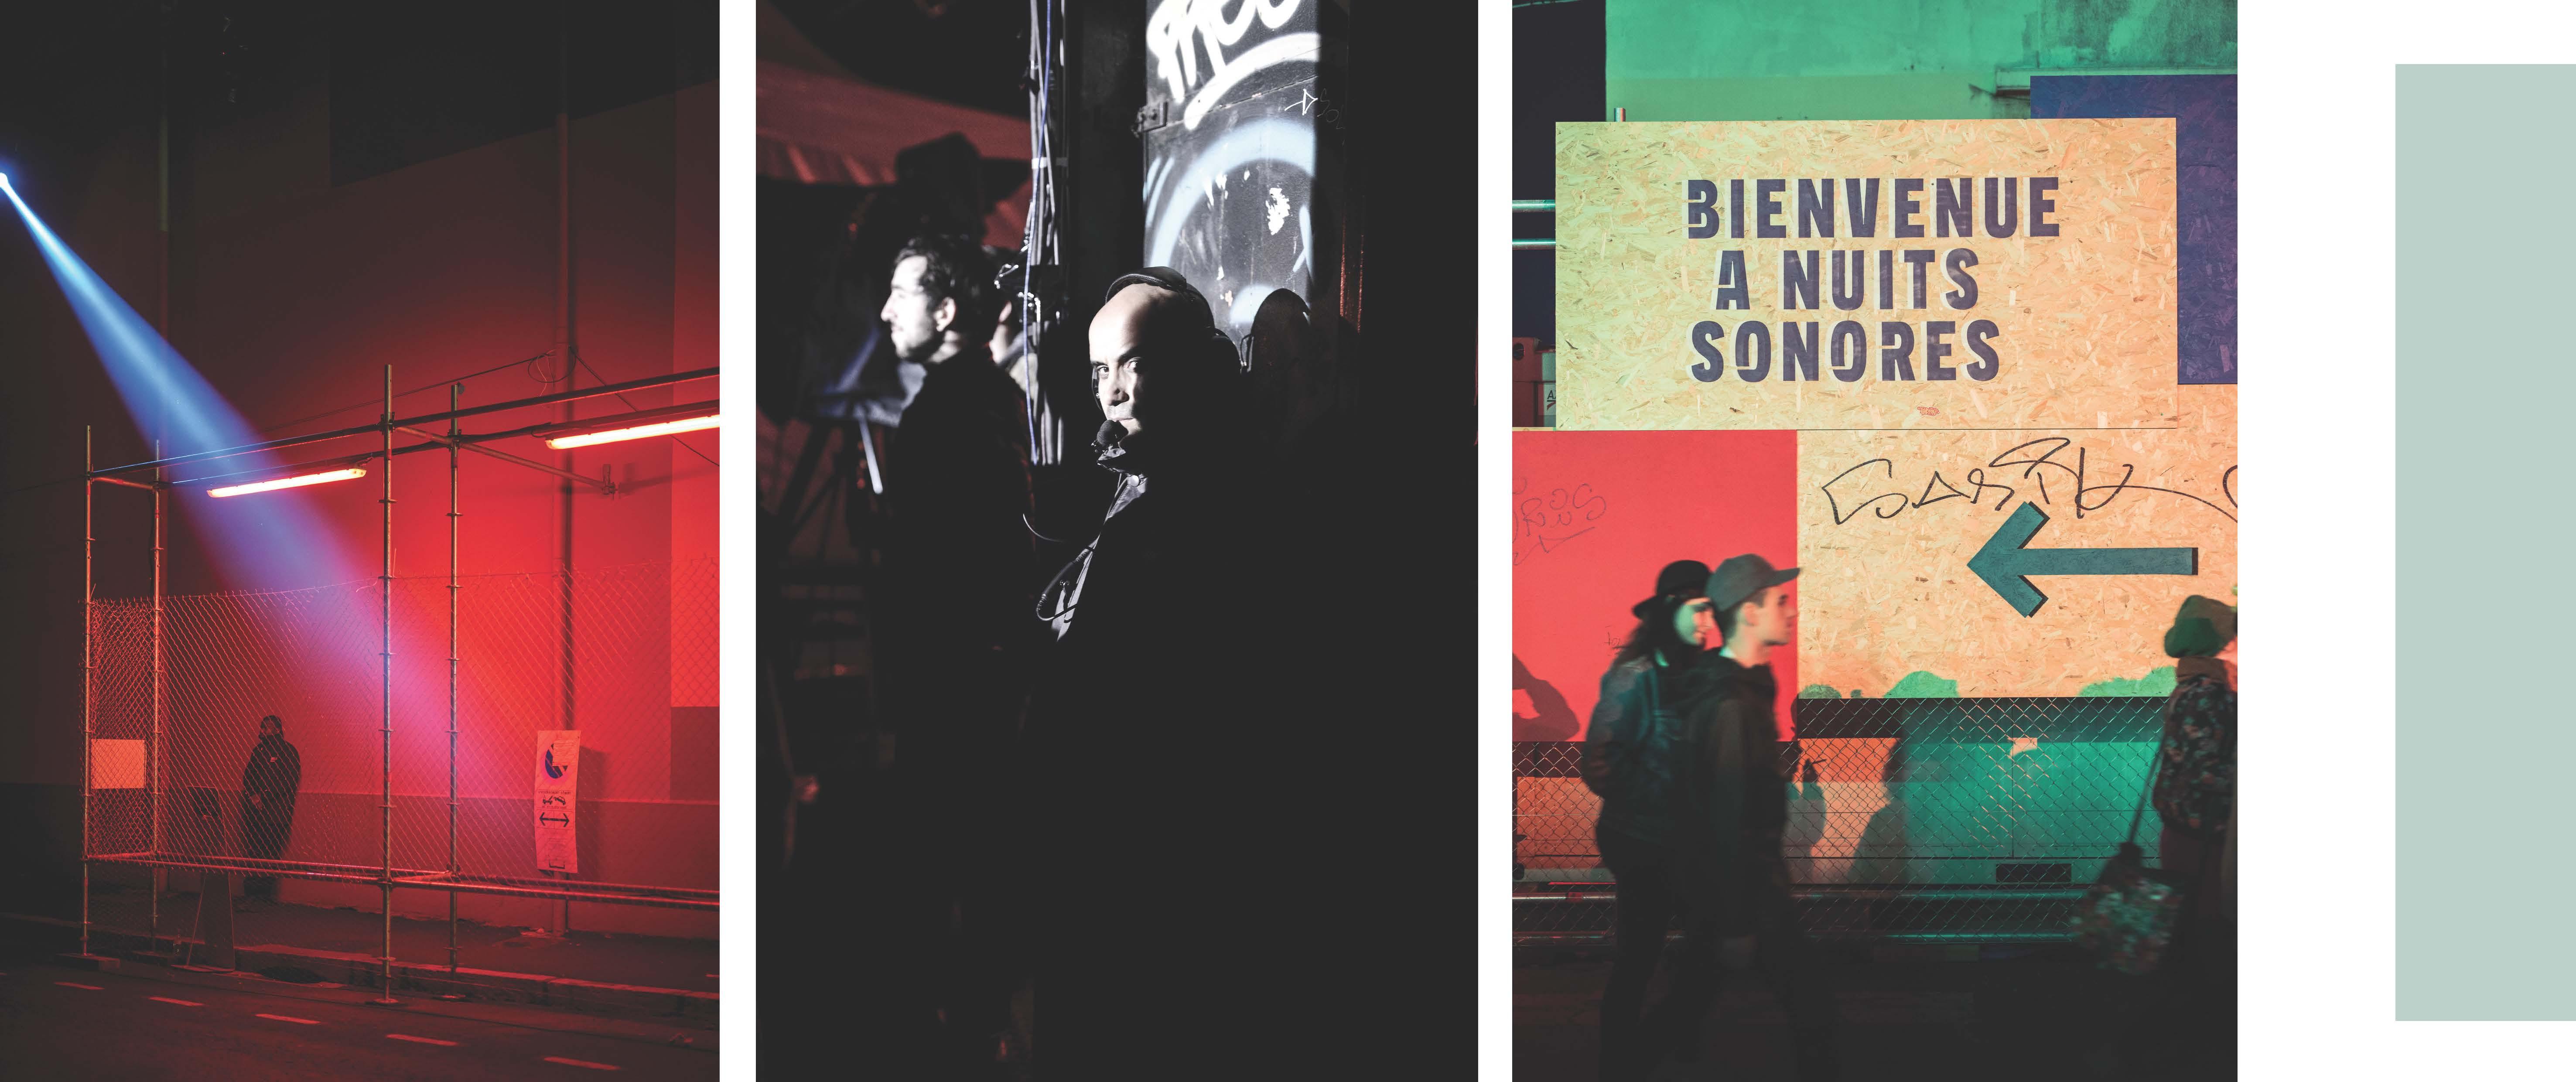 representation,studio photo evenementiel,mondial,en direct,Nikon,photographie evenementielle,mondial,interview,cours de photo Lyon,mondial,Nikon,studio le carre,Studio,chanteur,chanteur,photographie evenementielle,representation